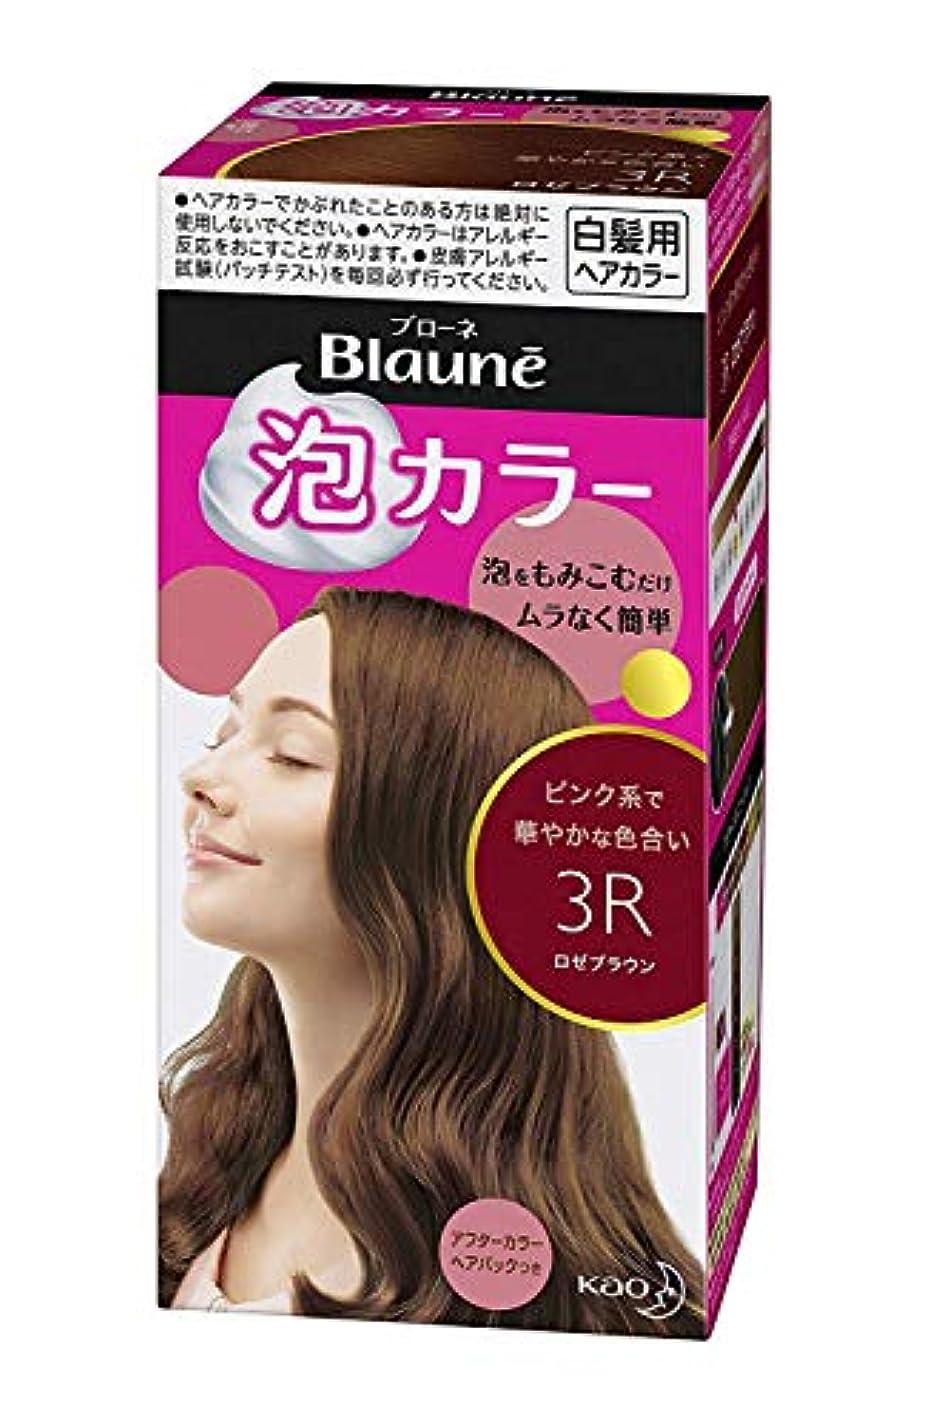 【花王】ブローネ泡カラー 3R ロゼブラウン 108ml ×5個セット